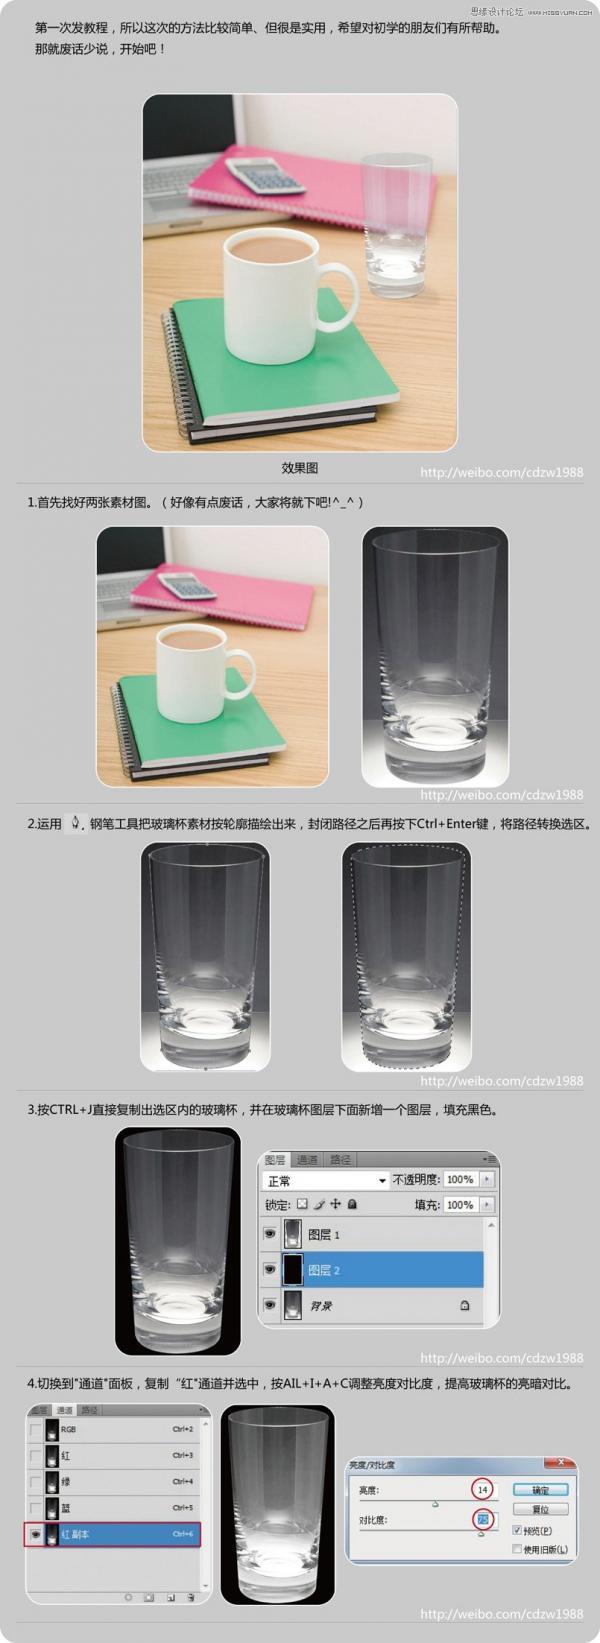 利用Photoshop通道抠图抠出透明玻璃杯子